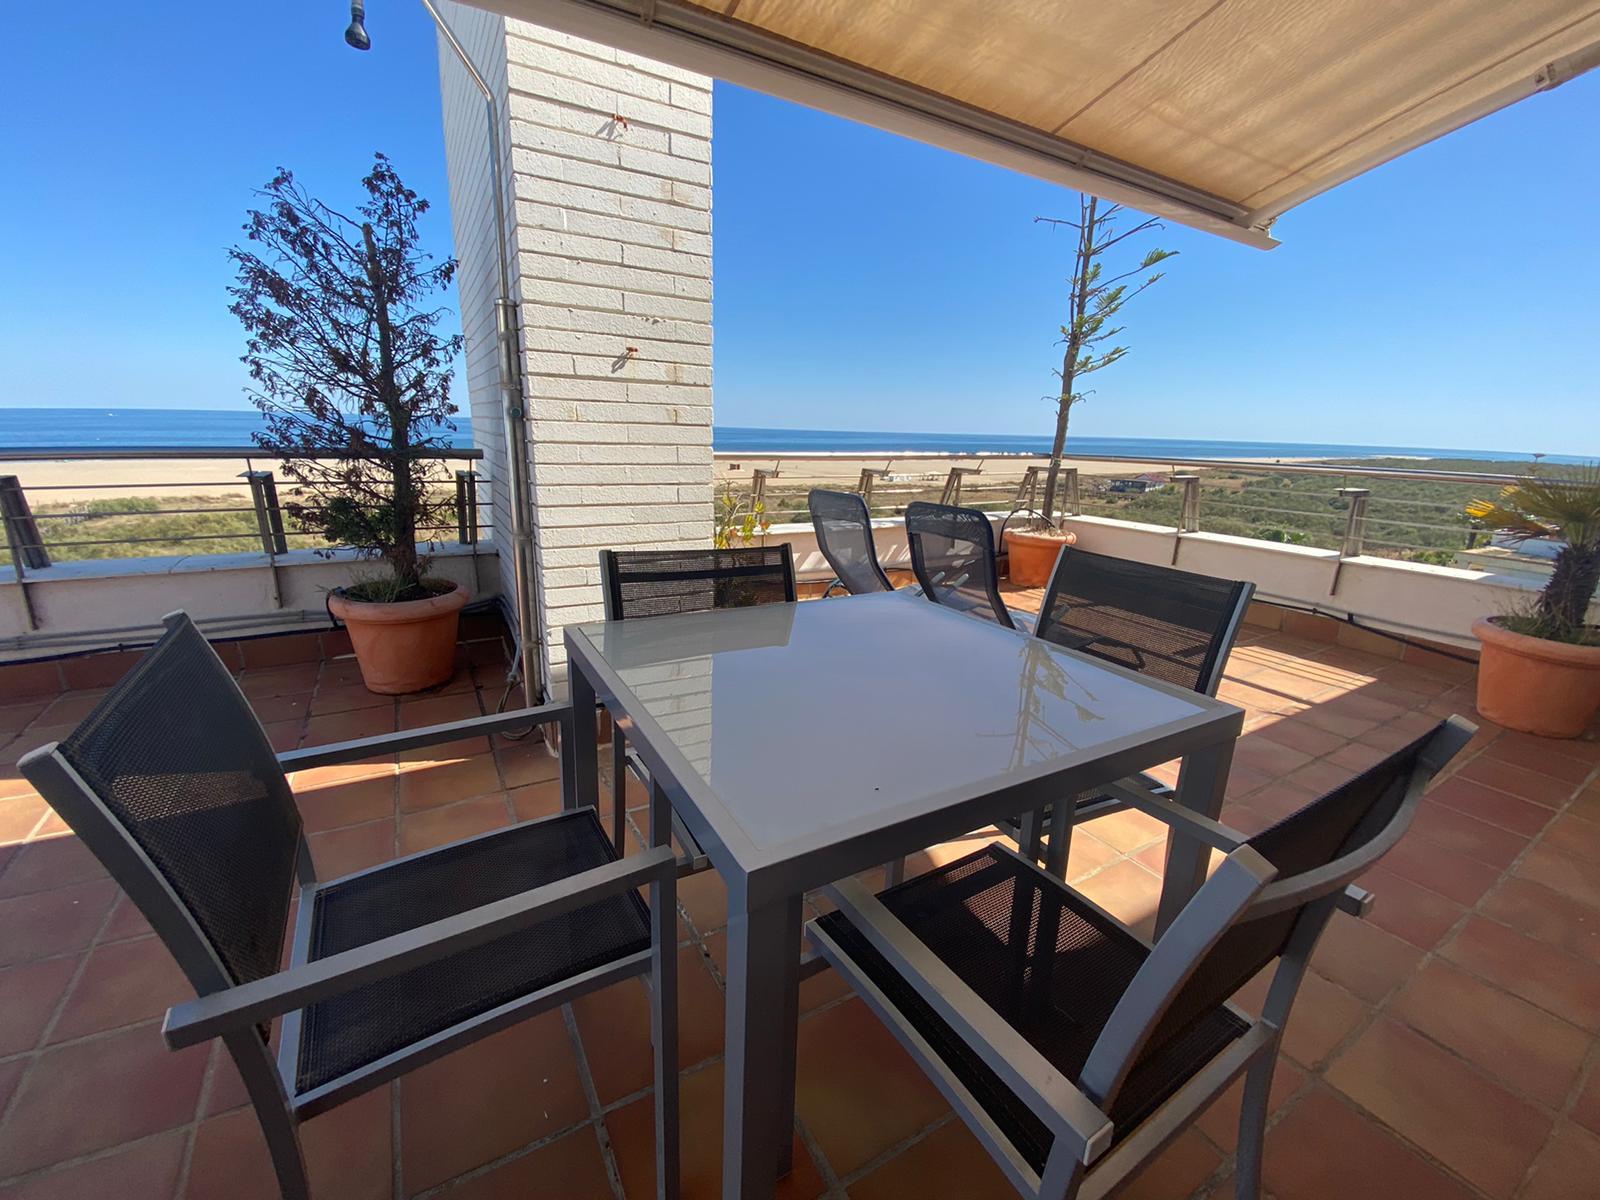 Imagen 50 del Apartamento Turístico, Ático 3 Levante, Frontal (4d+2b), Punta del Moral (HUELVA), Paseo de la Cruz nº22